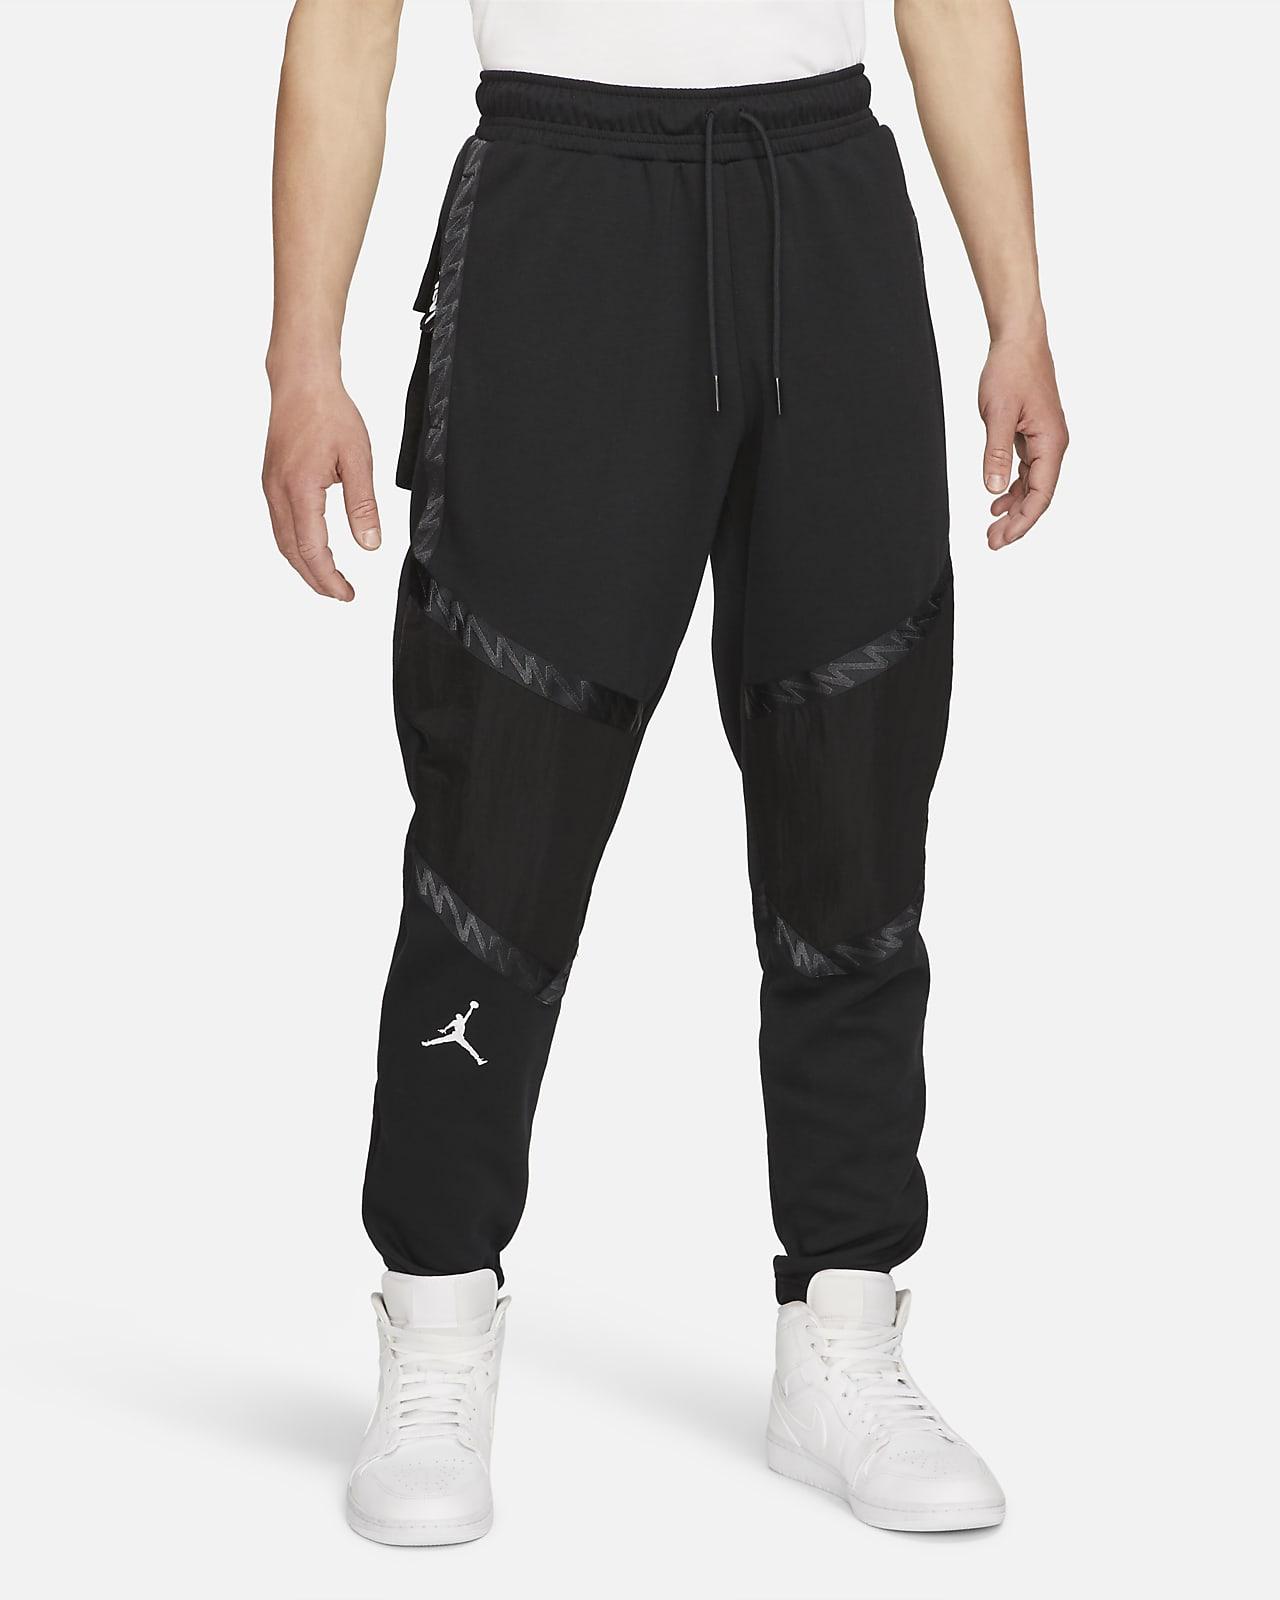 Jordan Dri-FIT Zion 男子针织长裤